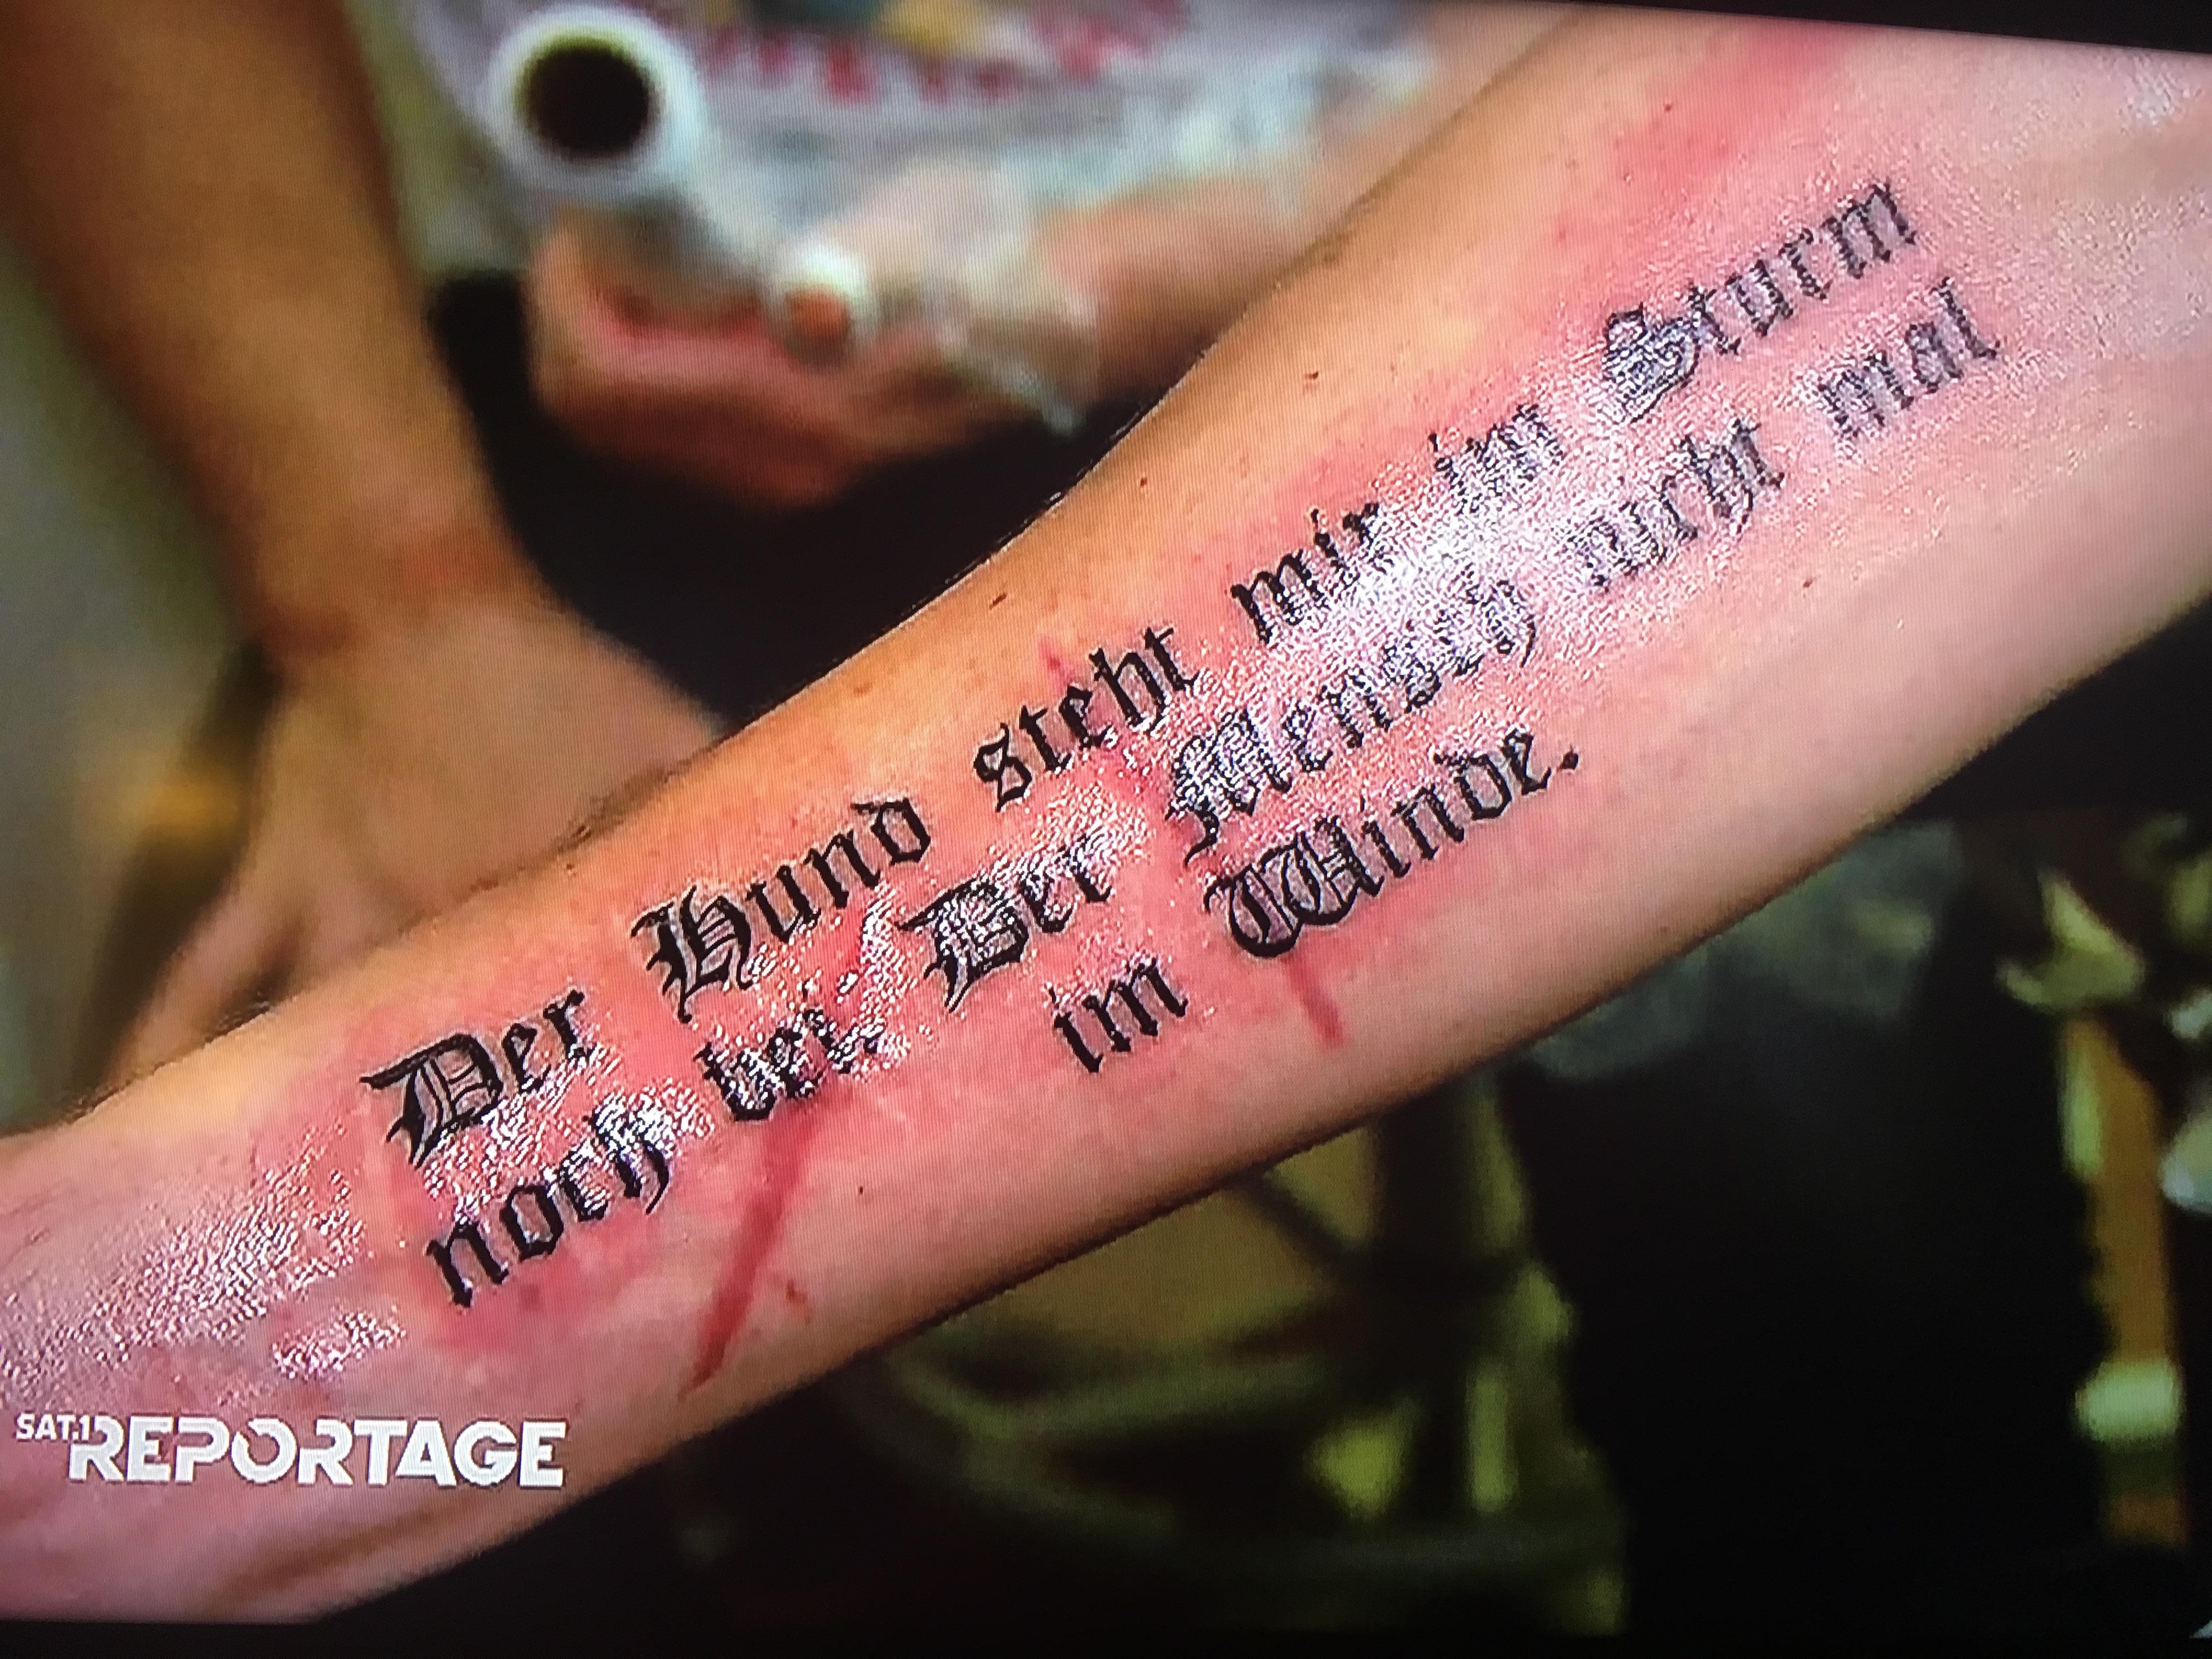 Schade Eigentlich Warum Man Tattoos Nicht Spontan Machen Sollte